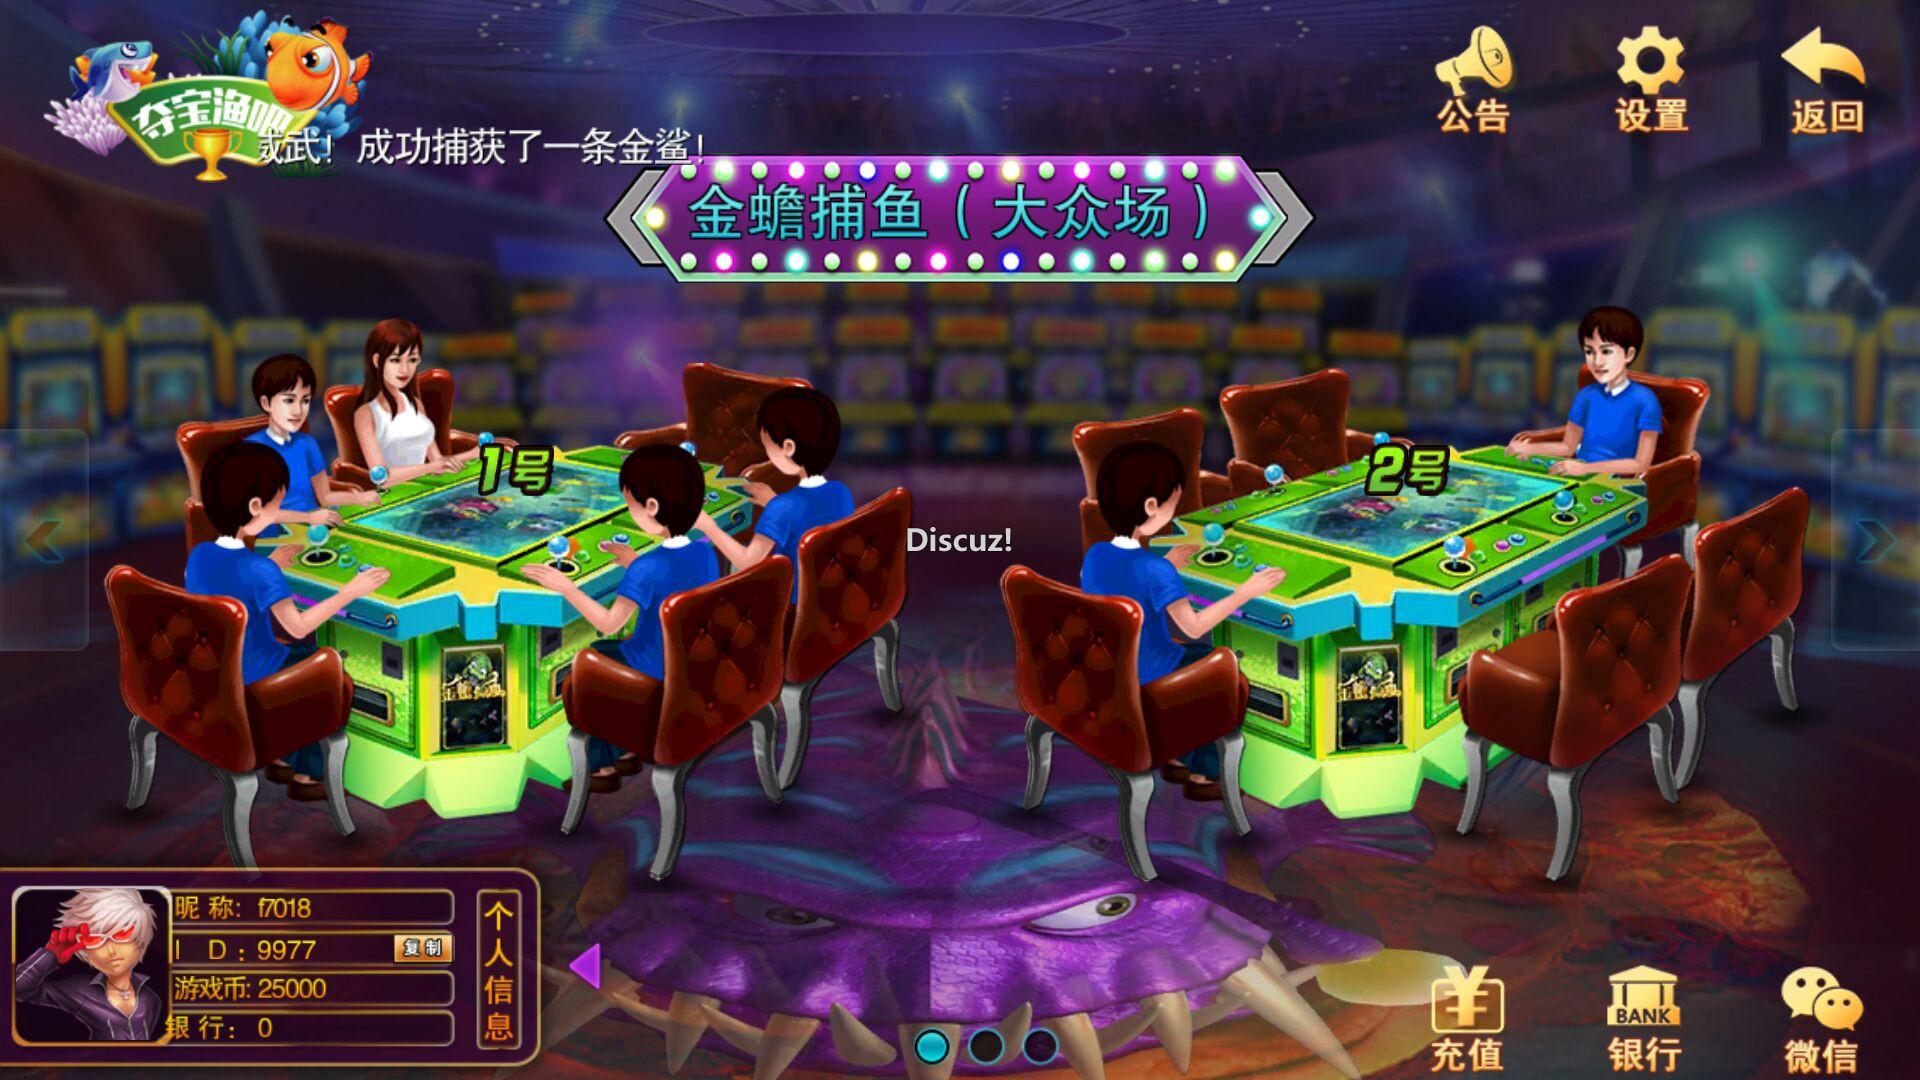 富贵电玩2最新版修复版 最新版修复版 富贵电玩2 金币电玩类 第4张